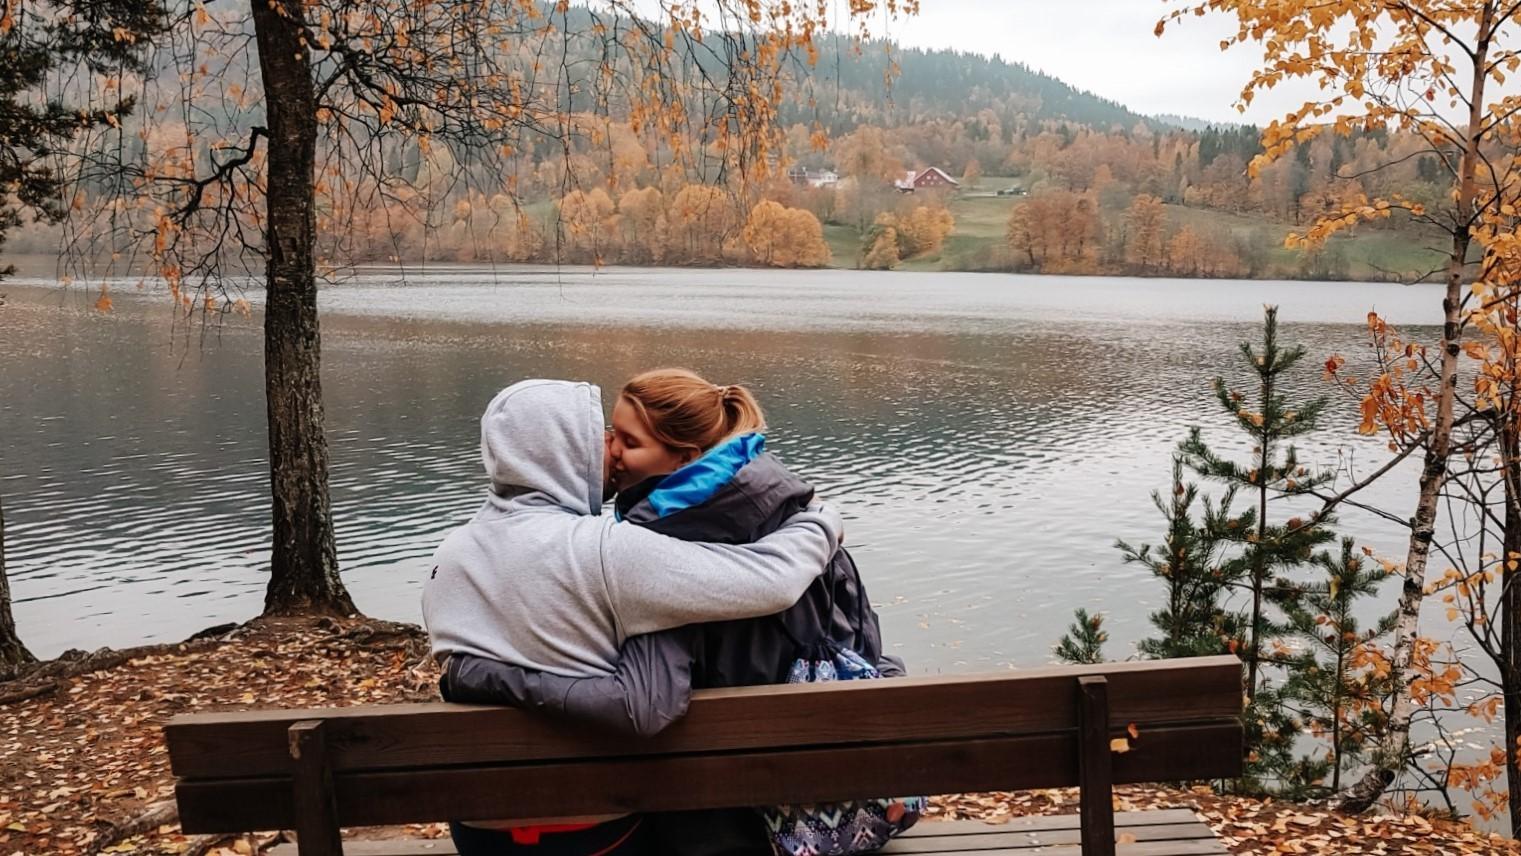 Para całująca się na tle jeziora w jesiennych kolorach.